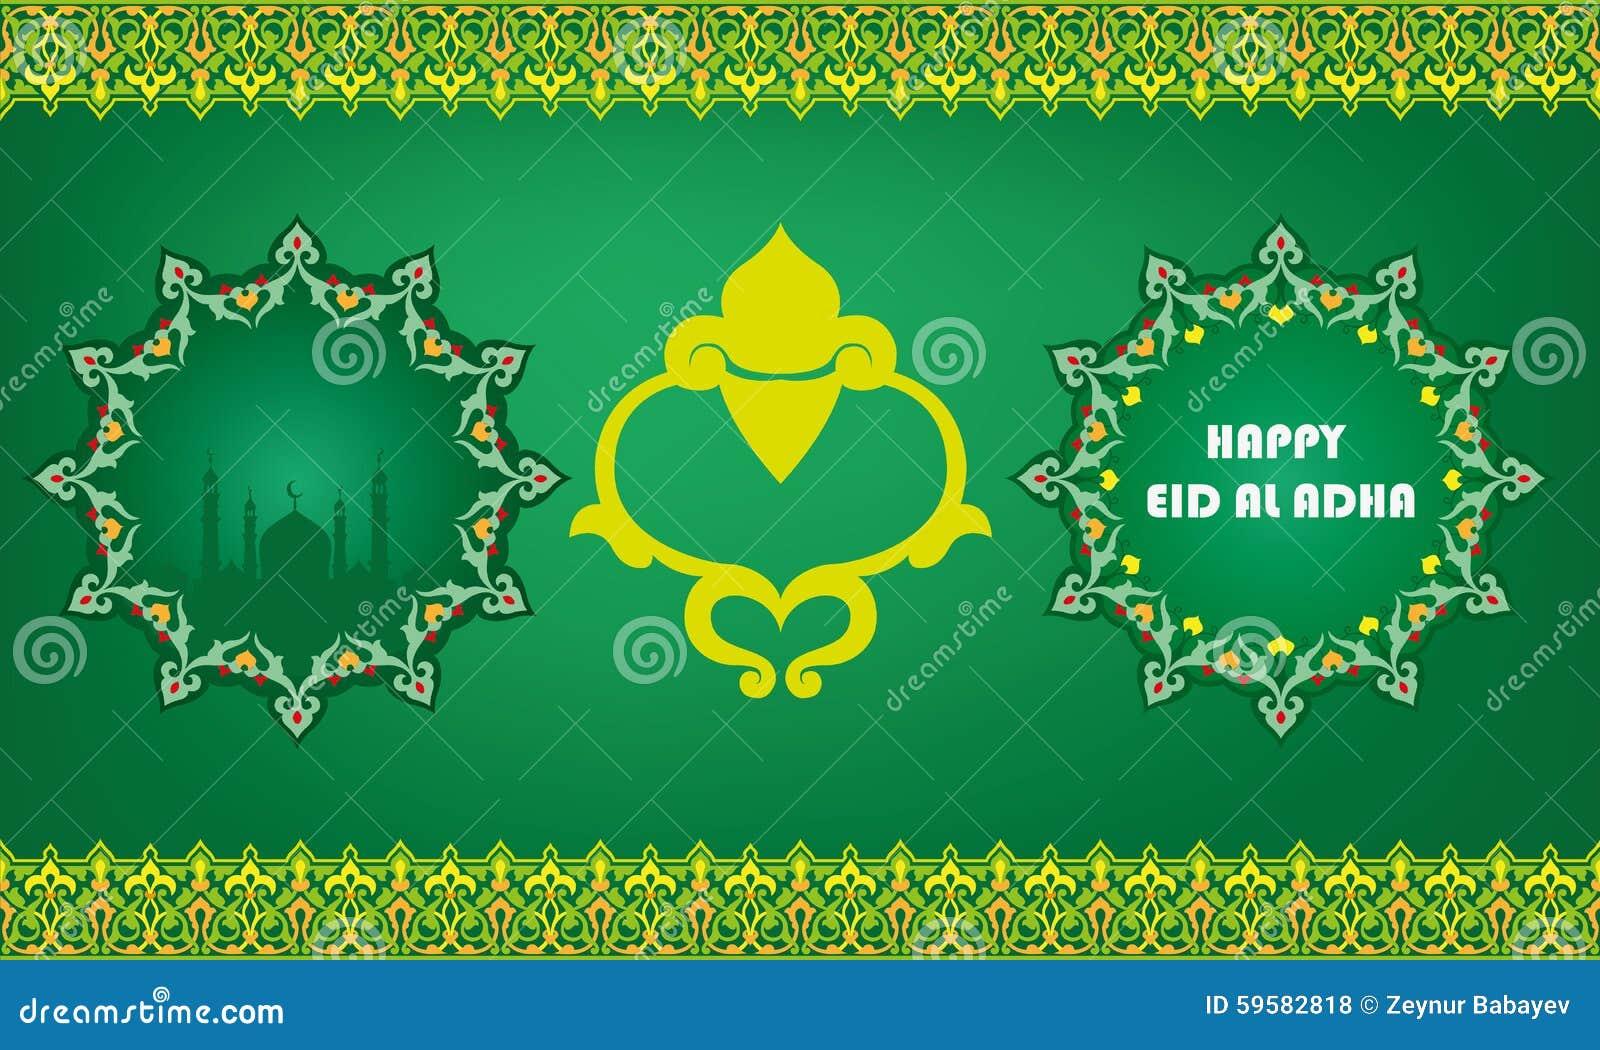 Greeting Card For Eid Al Adha Islamic Holiday Illustration